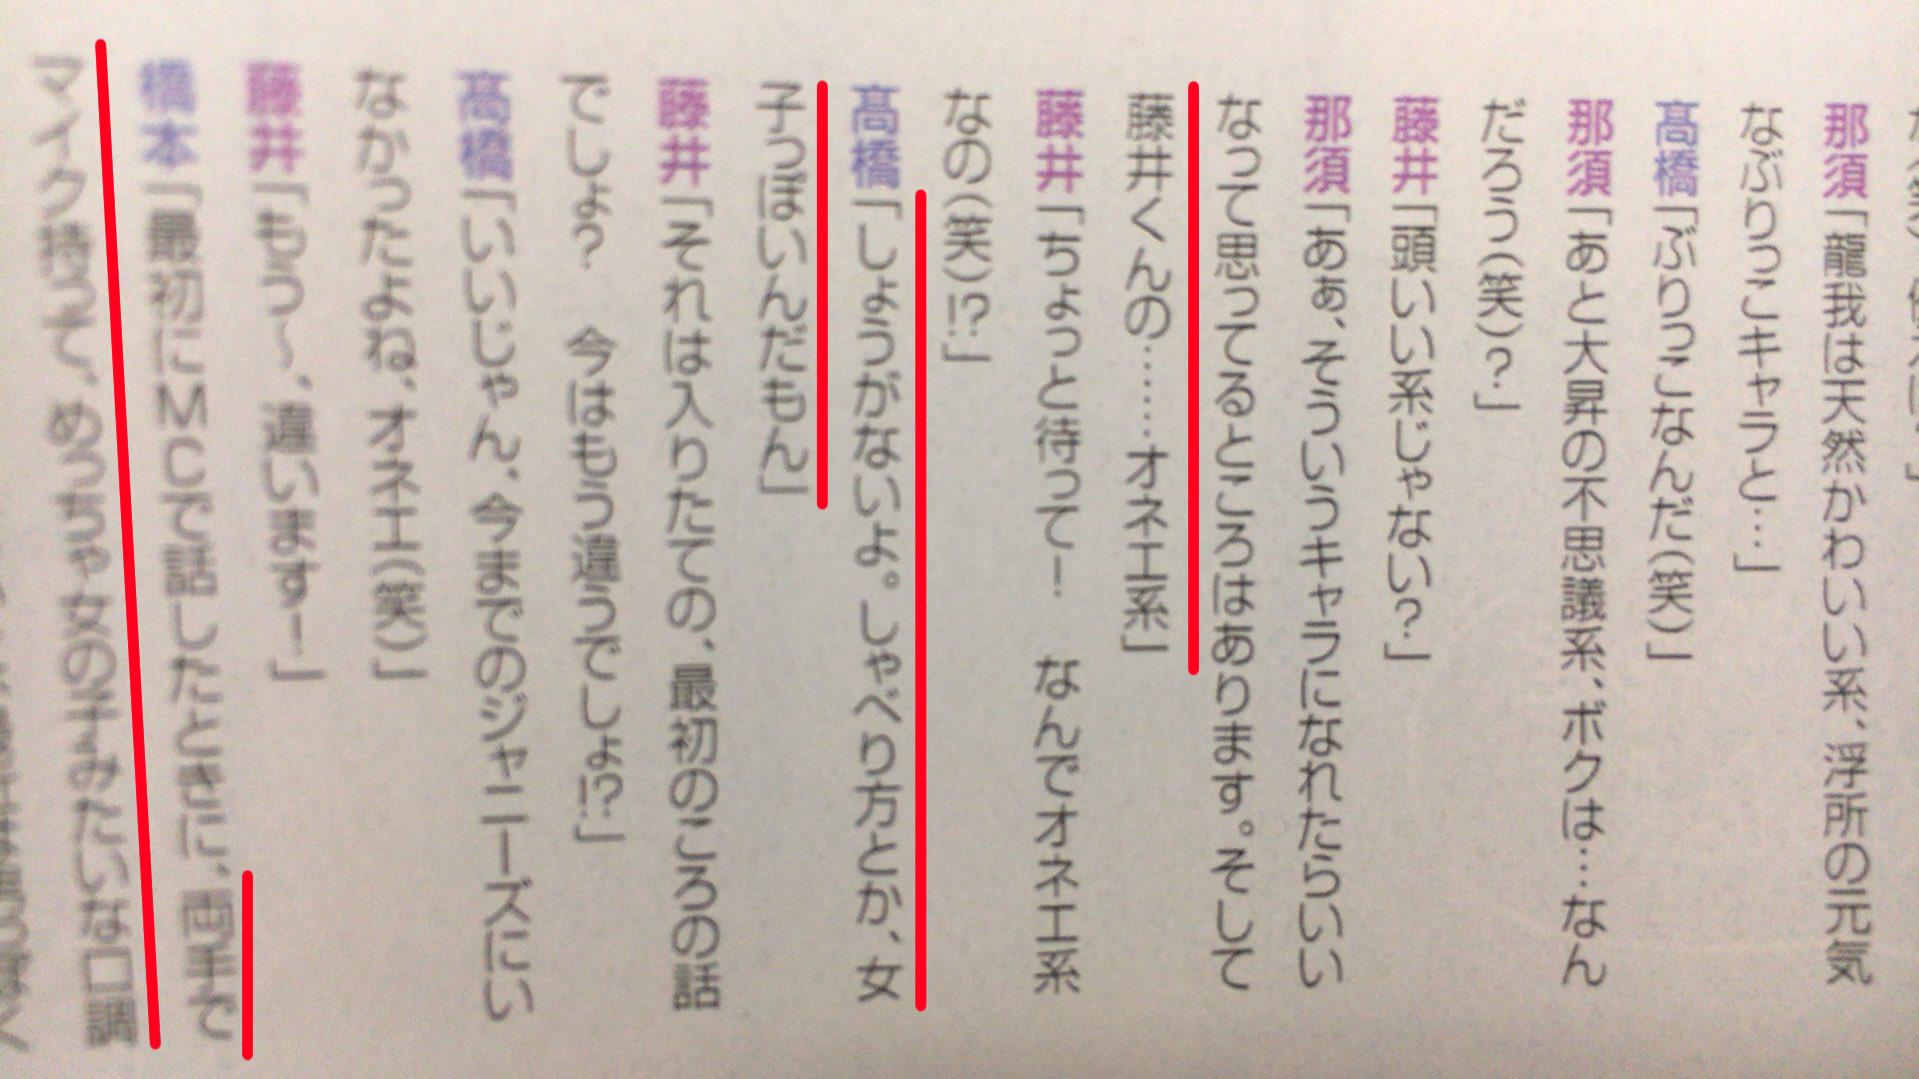 藤井直樹はオネエ?